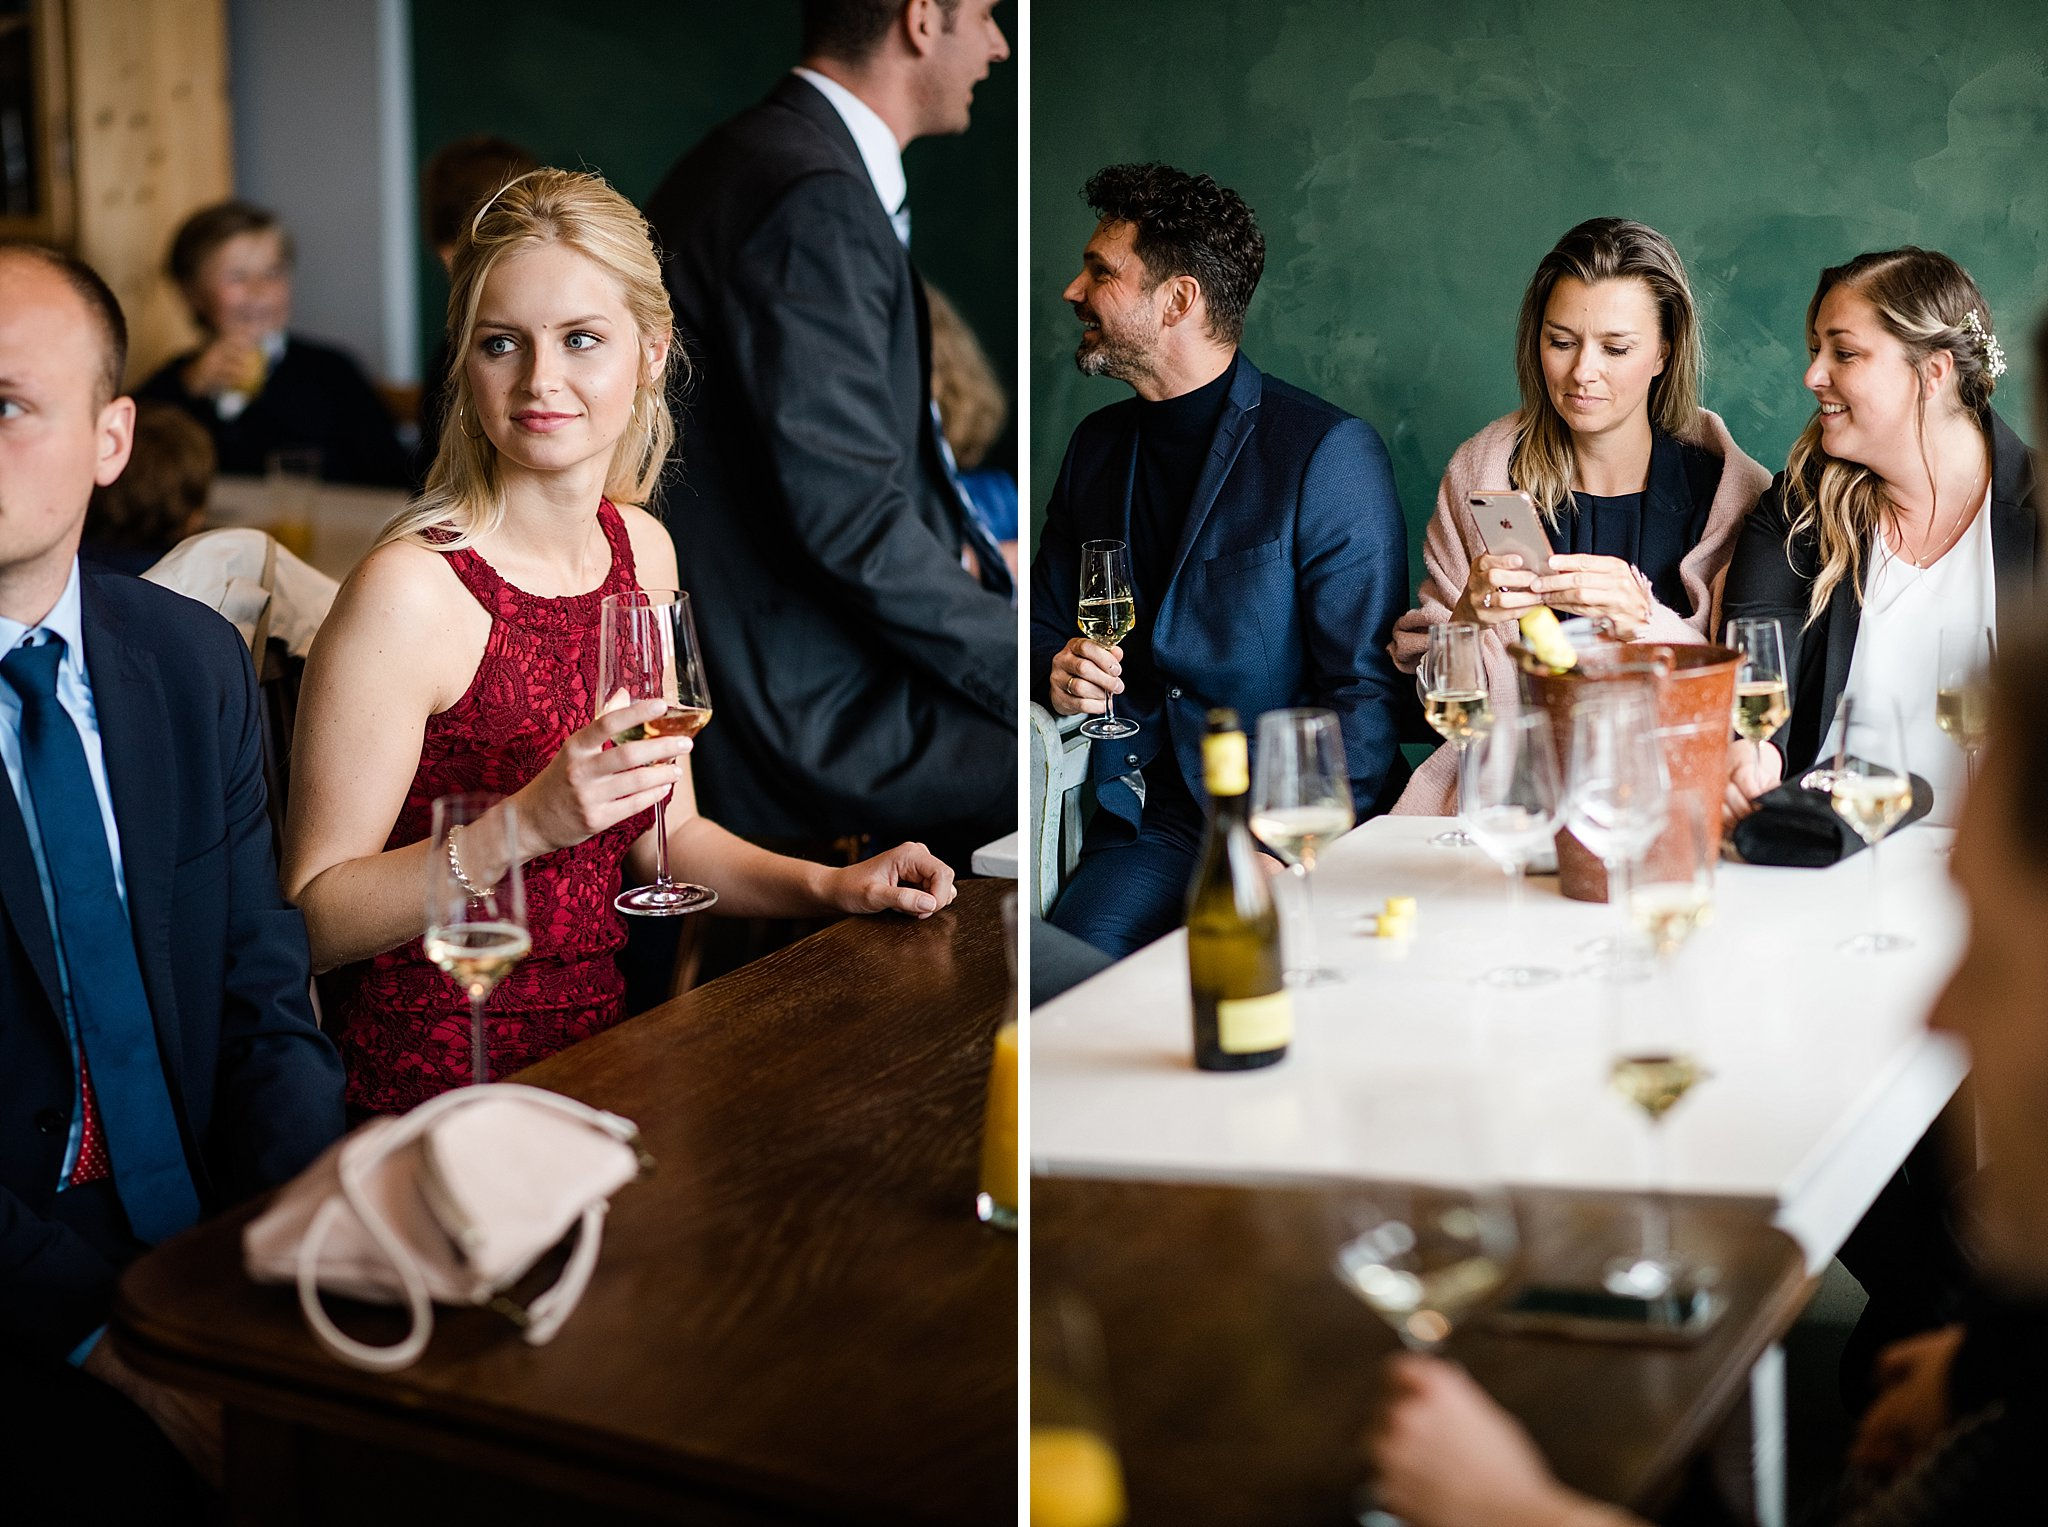 Hochzeit-von-Marina-Dominik-auf-Burg-Wernberg-und-Schloss-Friedrichsburg-00032